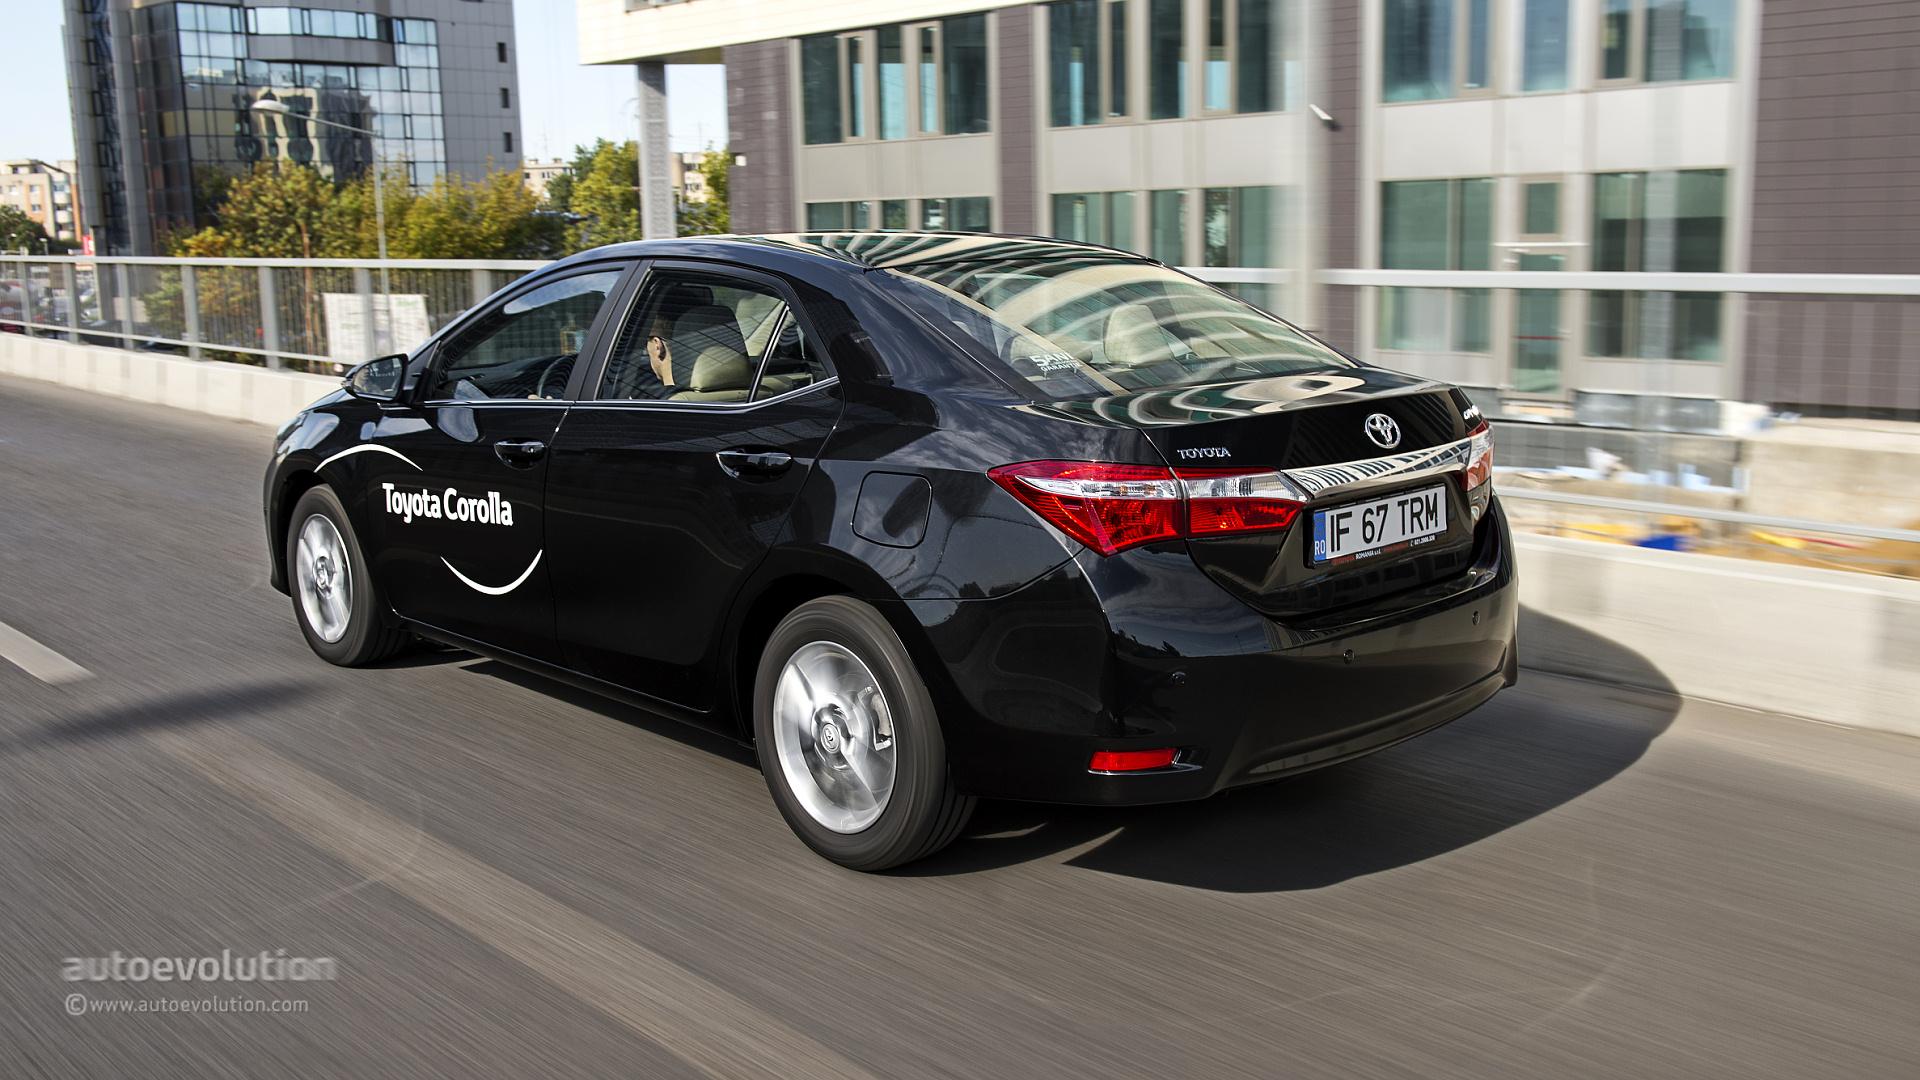 2014 TOYOTA Corolla Review Technical Data autoevolution